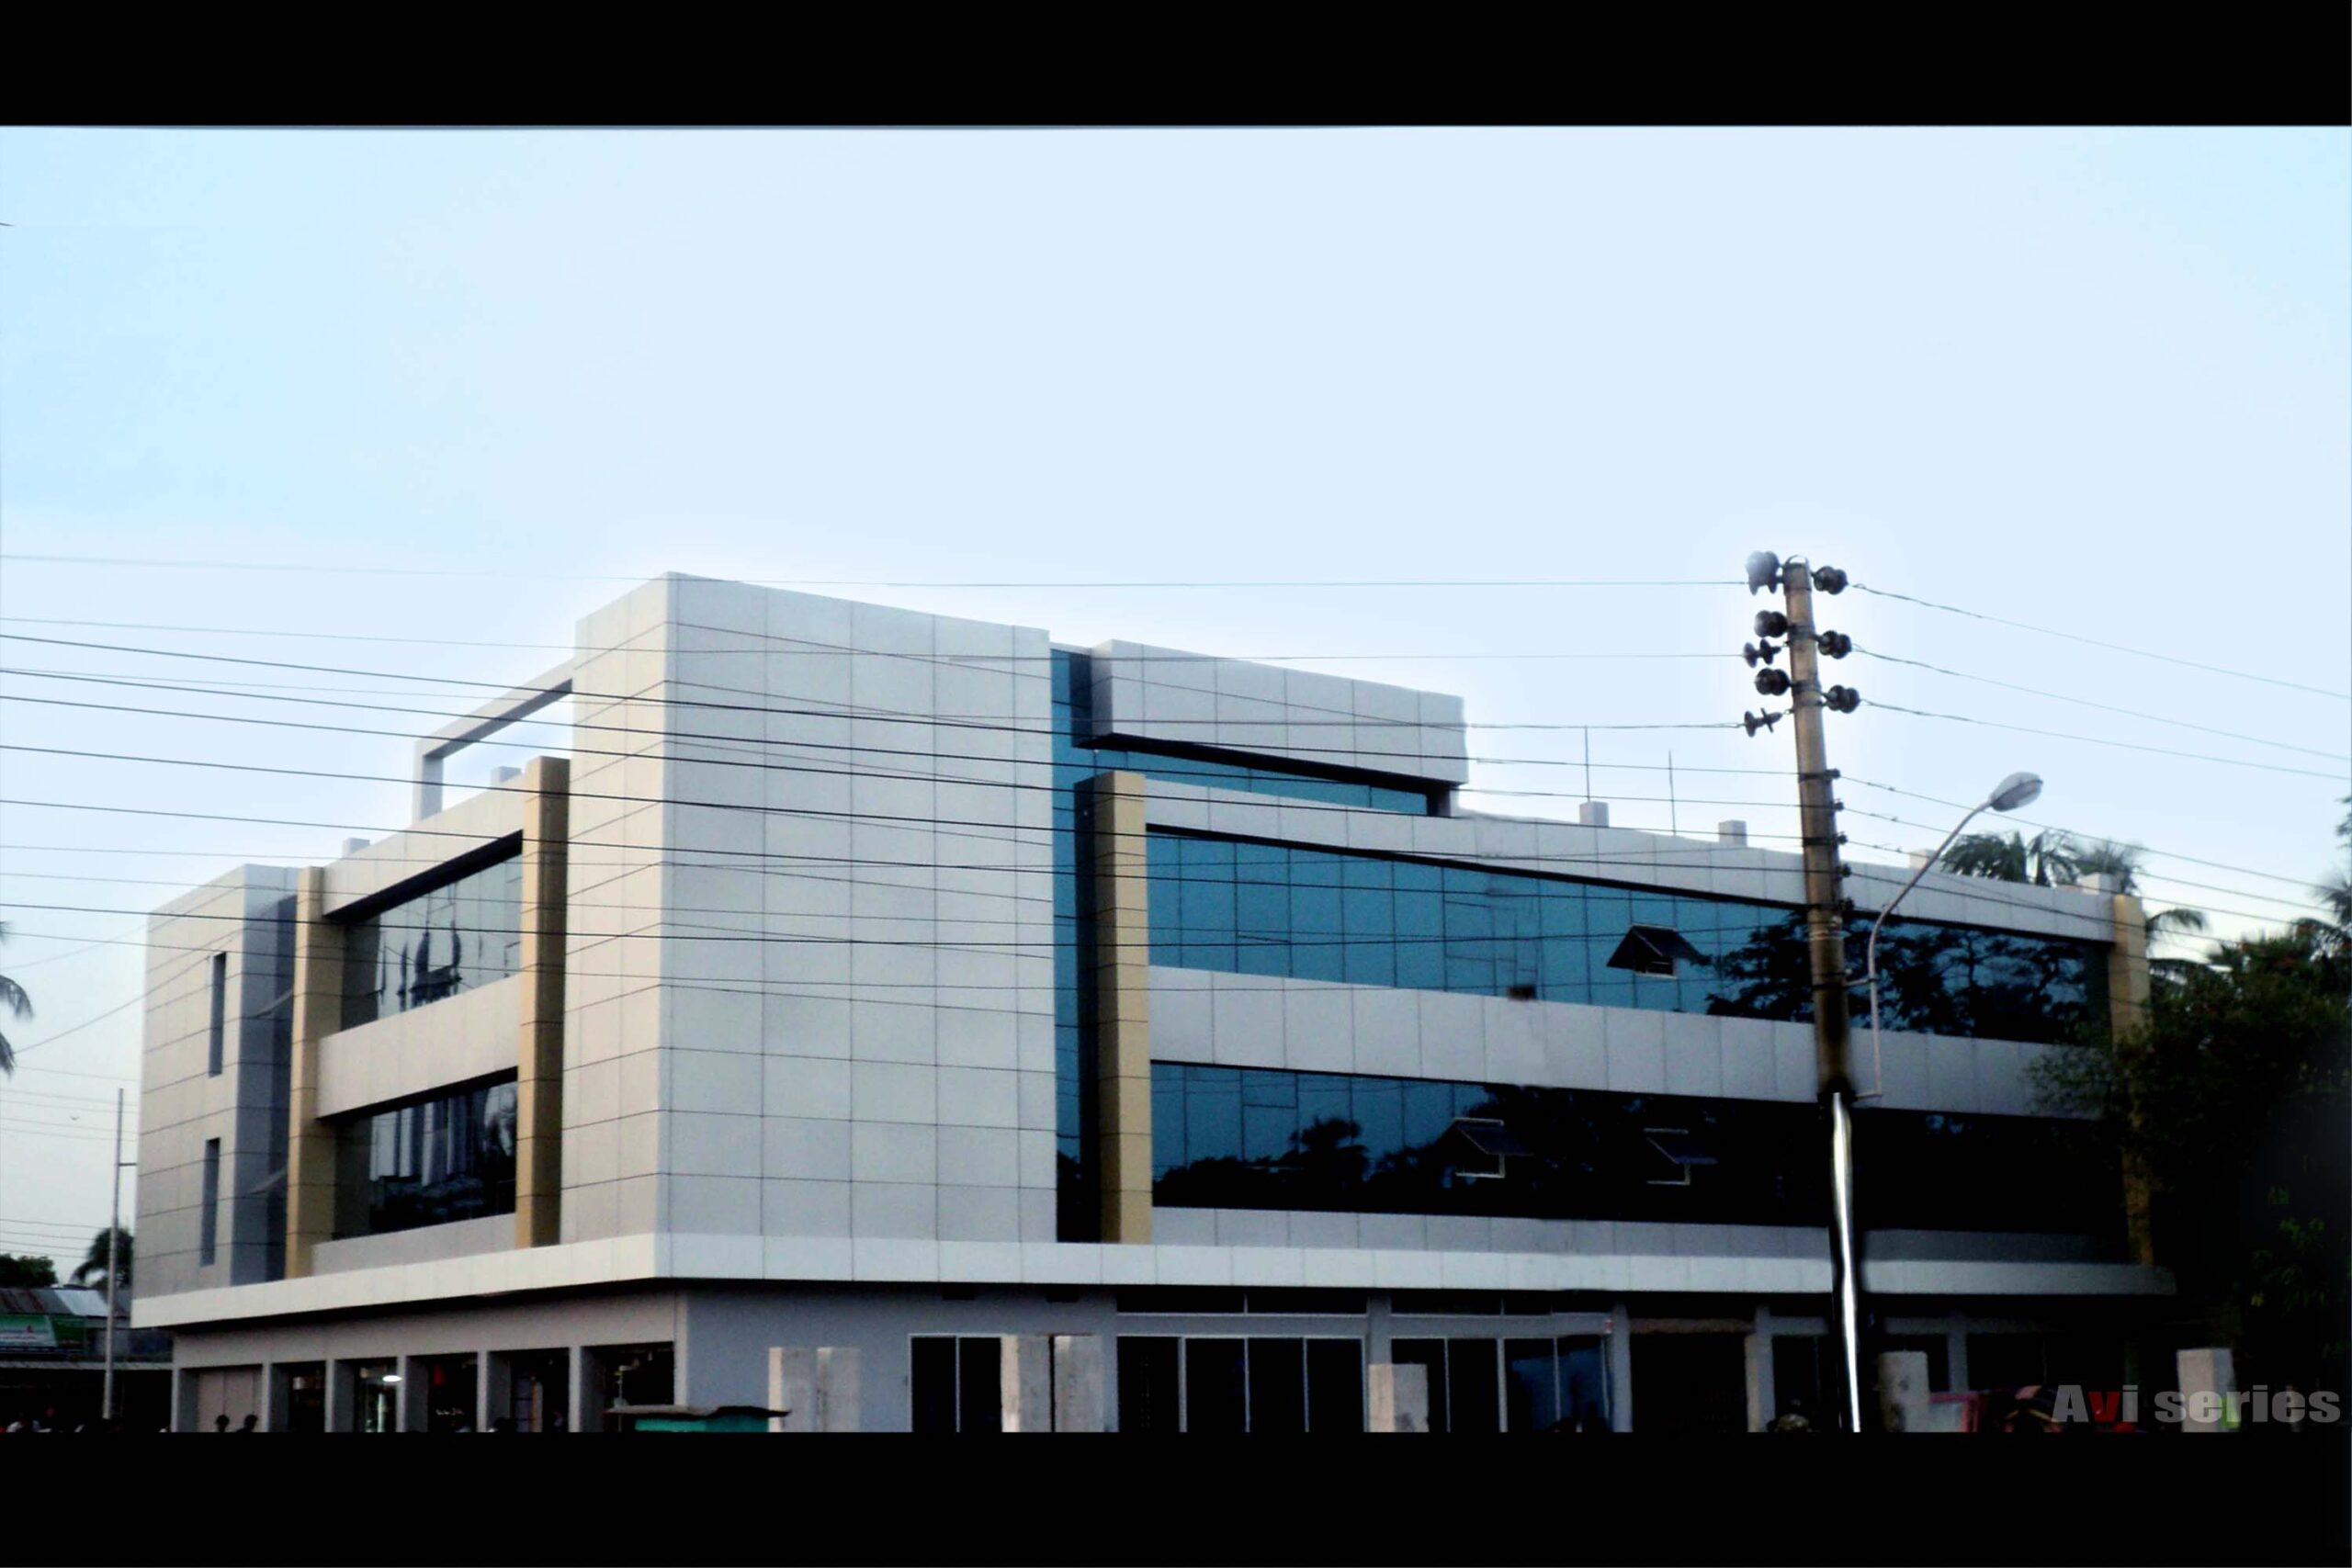 করোনা মোকাবিলায় বরিশাল সিটি করপোরেশন পেল ৬০ লাখ টাকা